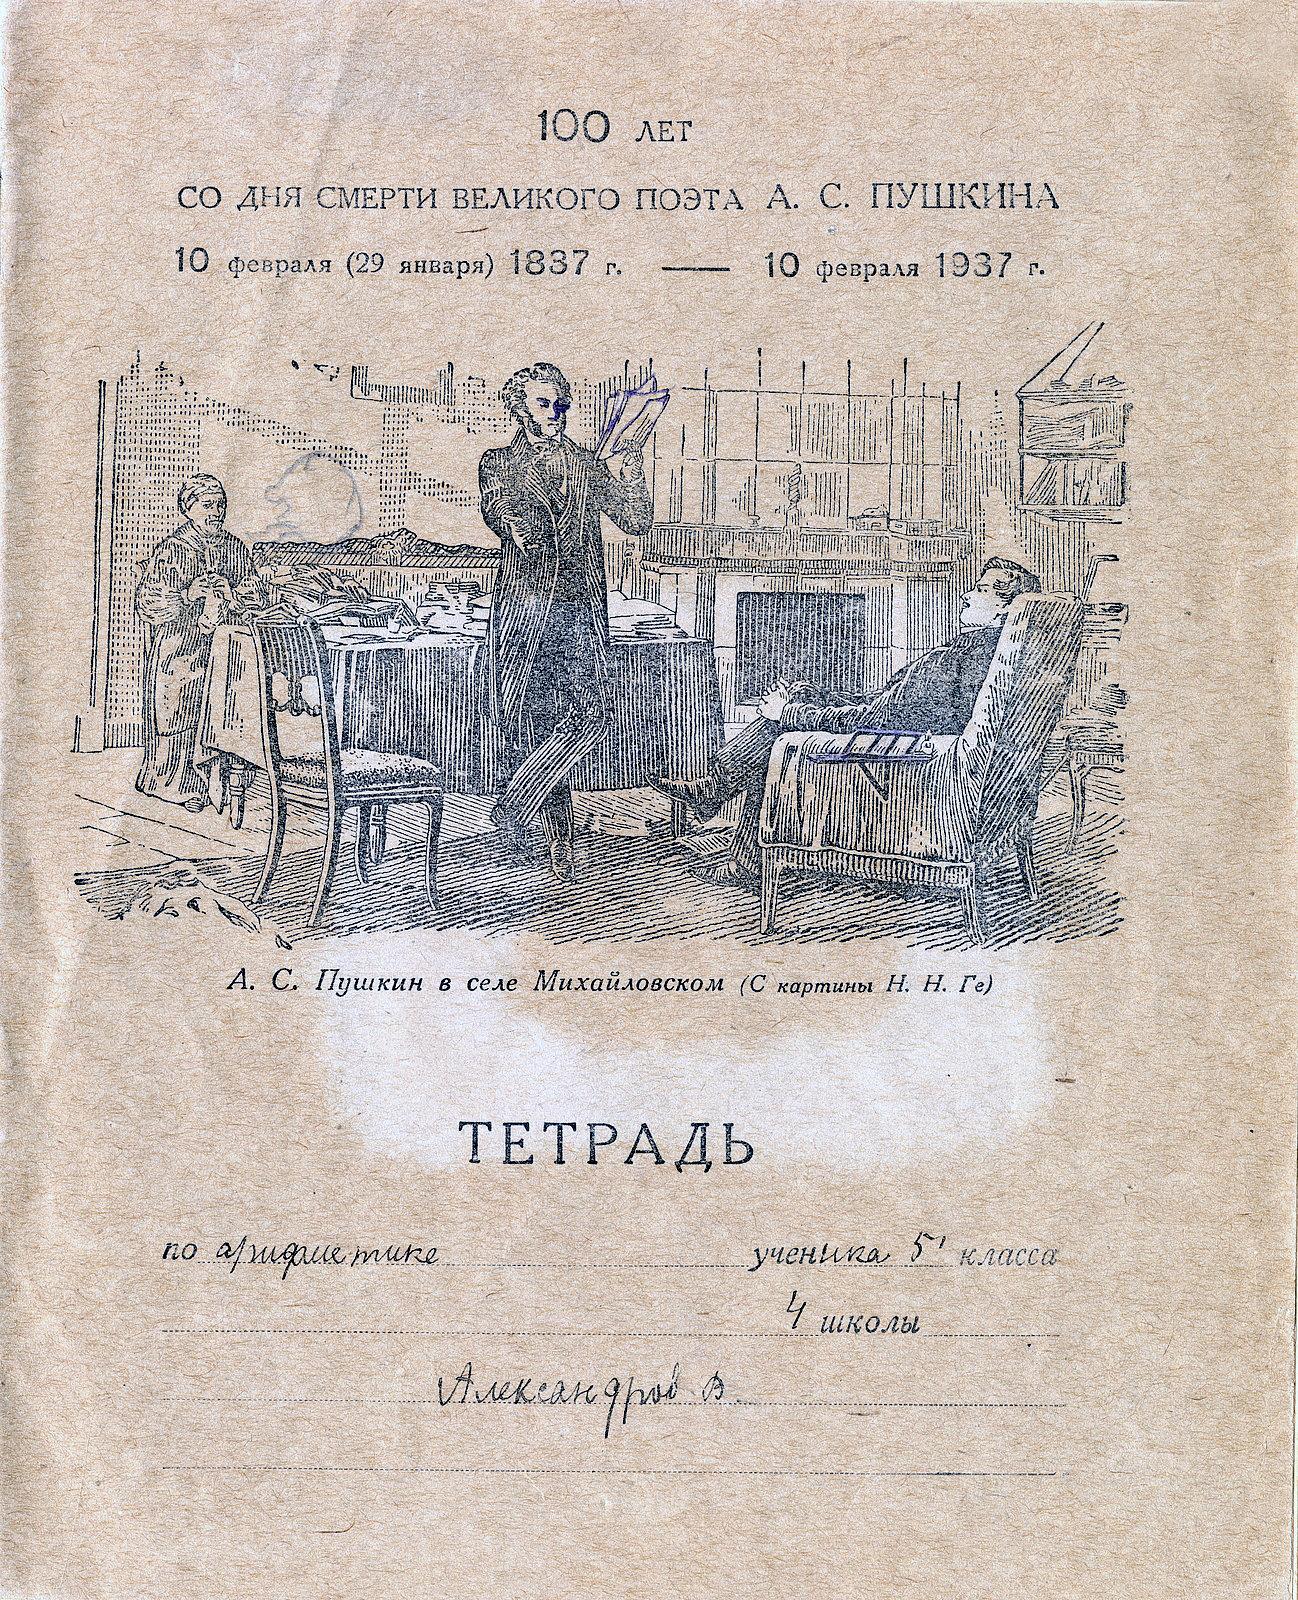 Тетрадь Пушкин (4), 170х210